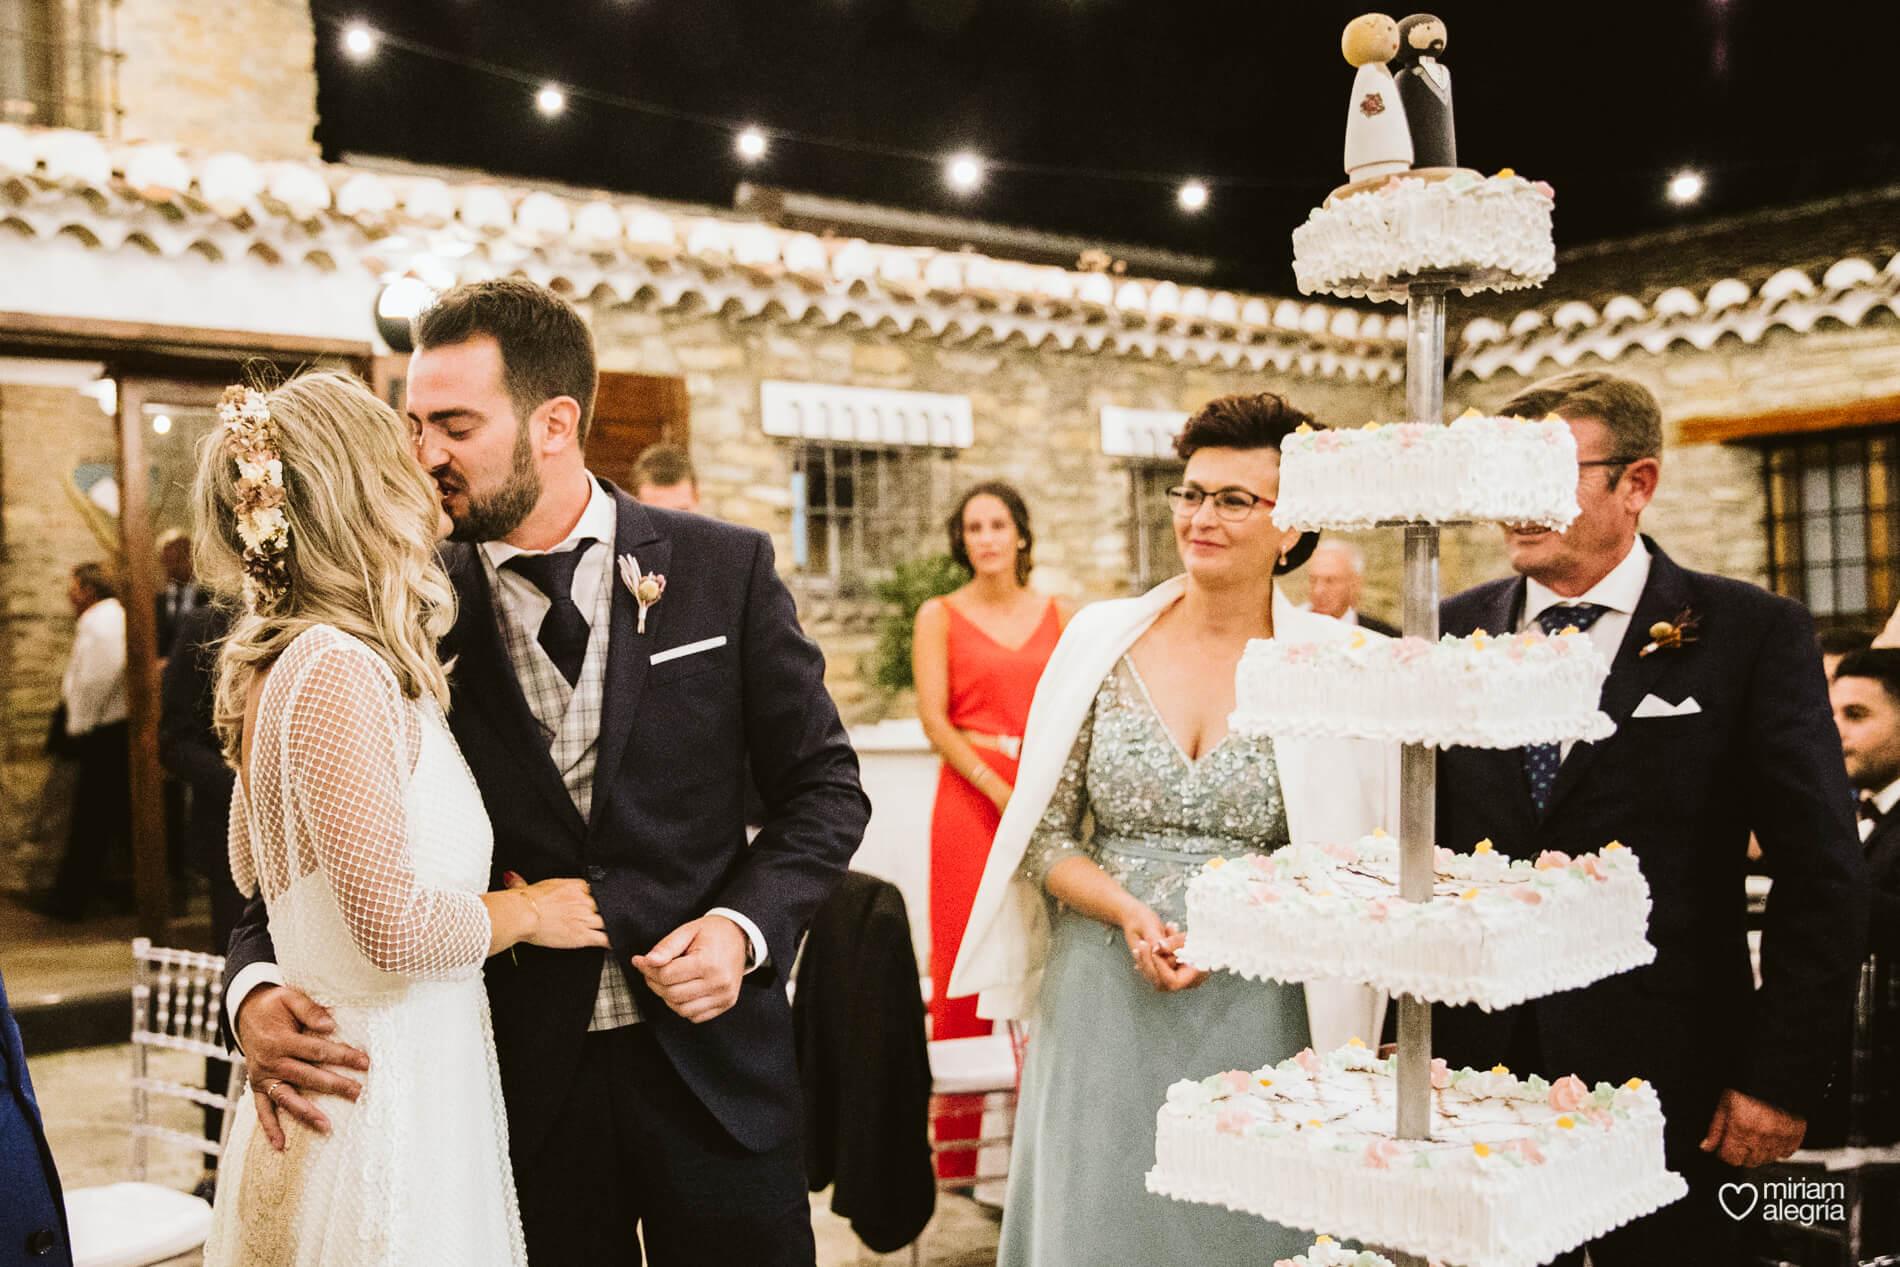 boda-en-collados-miriam-alegria-cayetana-ferrer-109